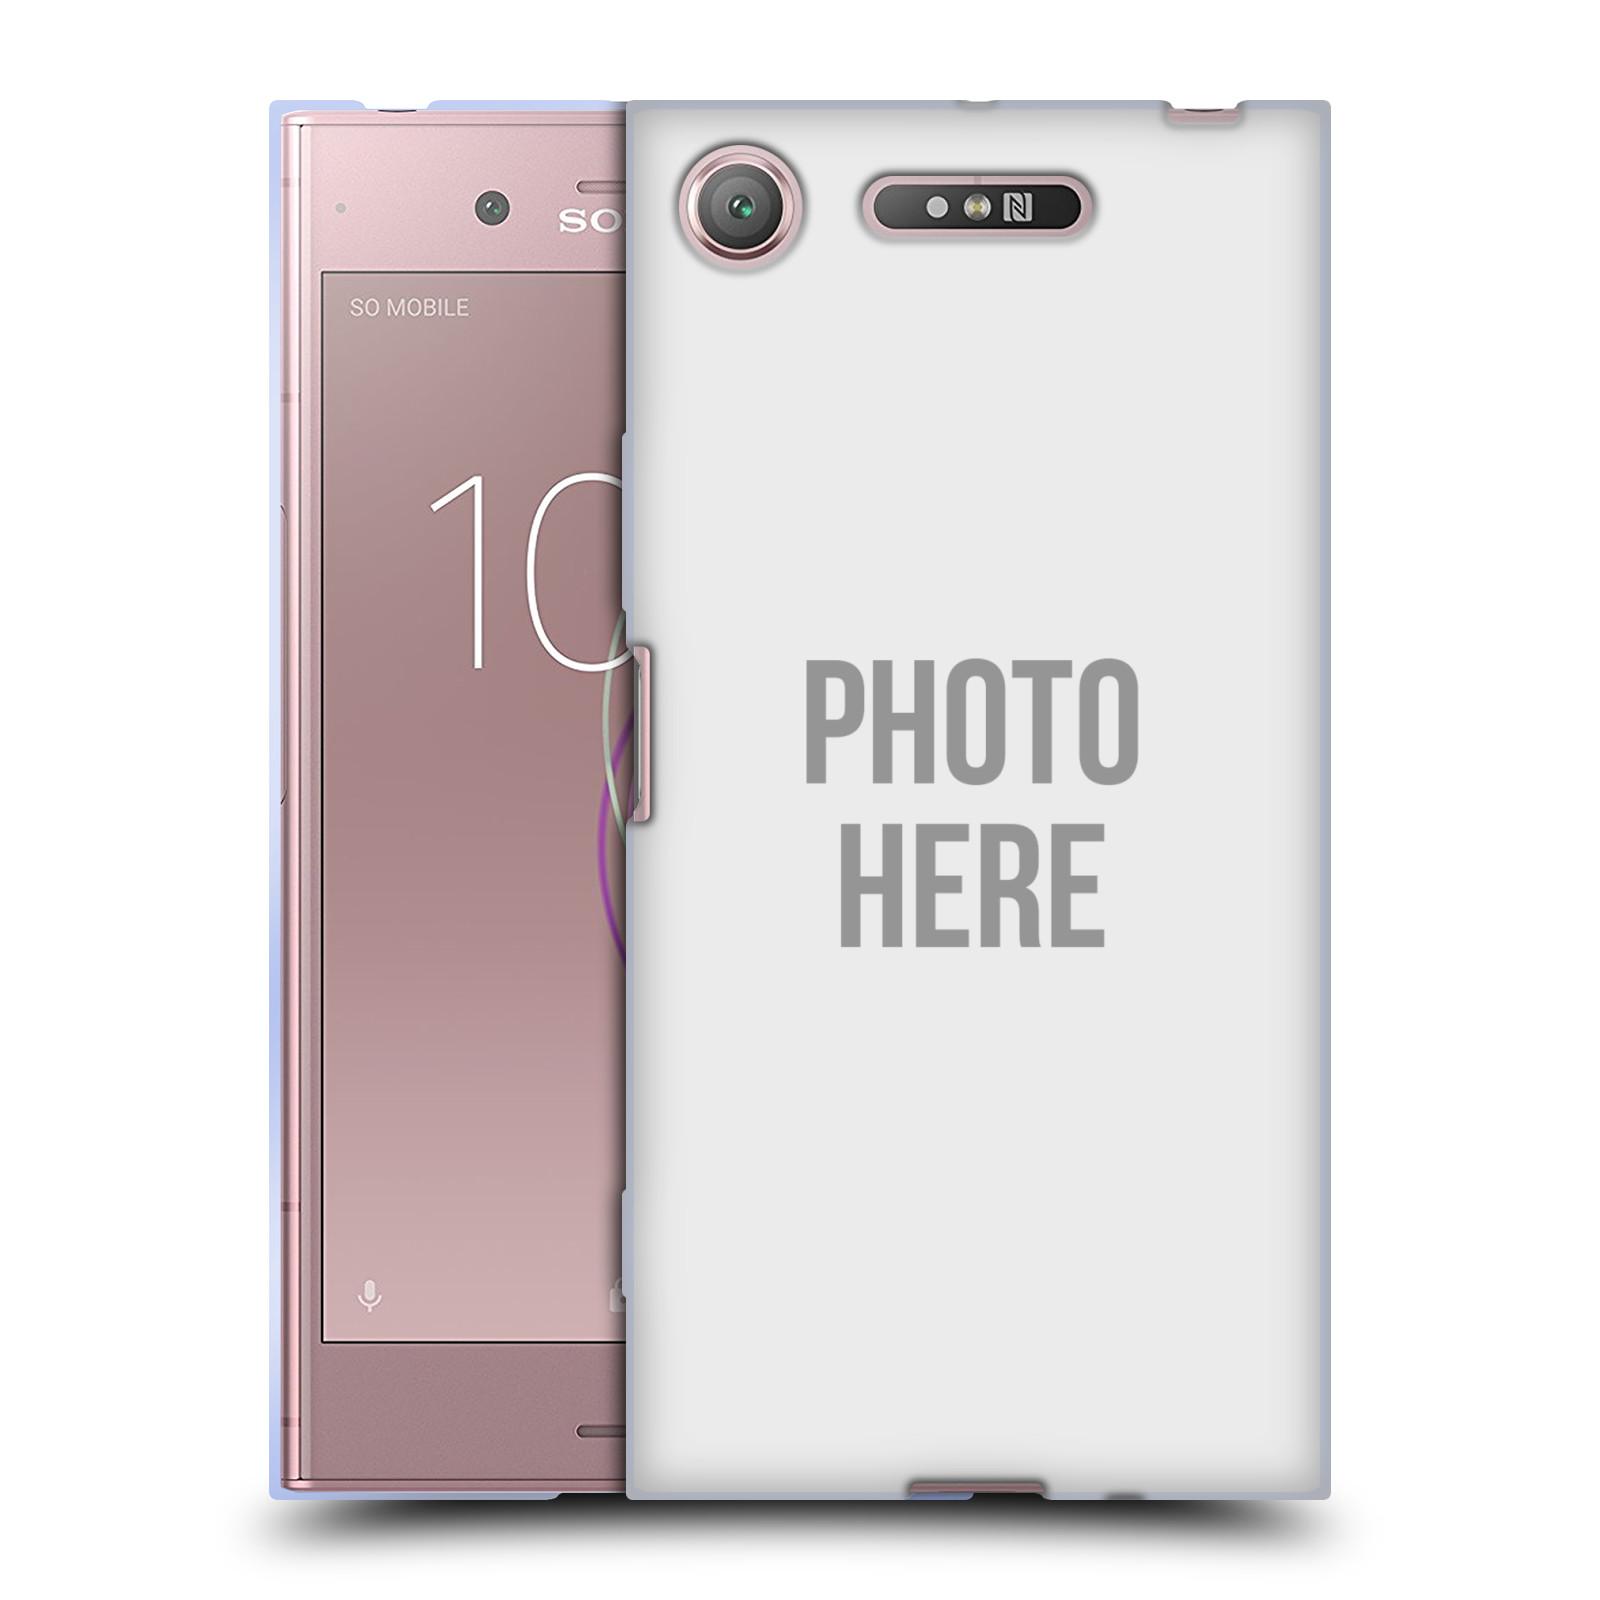 Silikonové pouzdro na mobil Sony Xperia XZ1 - Head Case - s vlastním motivem